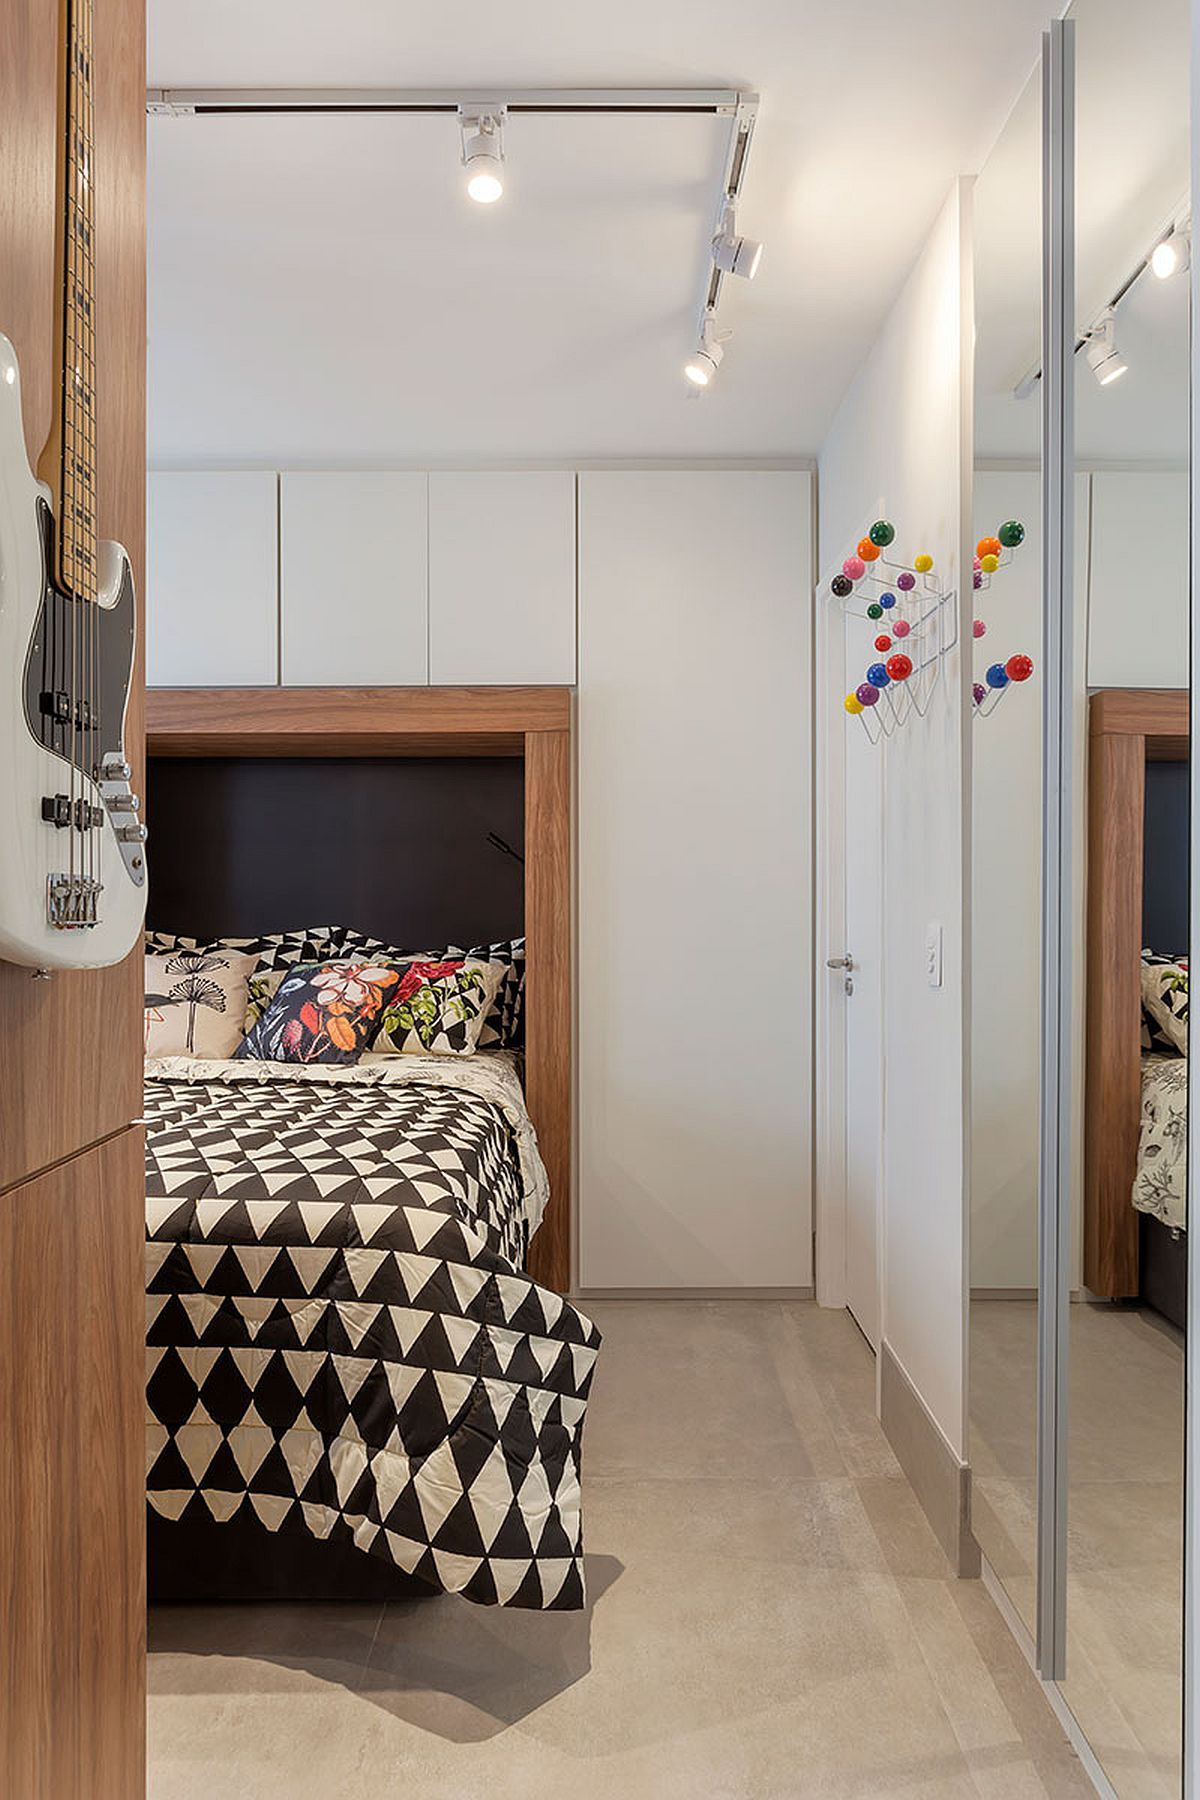 Iluminatul general, adică cel de la nivelul plafonului, este peste tot cu șine cu spoturi, la fel ca și finisajul pardoselii cu plăci mari de gresie în nuanța gri, similară betonului. La intrarea în spațiul dormitorului nu există ușă pentru că în lateral, pe aceeași parte cu accesul către baie este configurat un spațiu de cuier, deci unde e nevoie să se ajungă ușor.